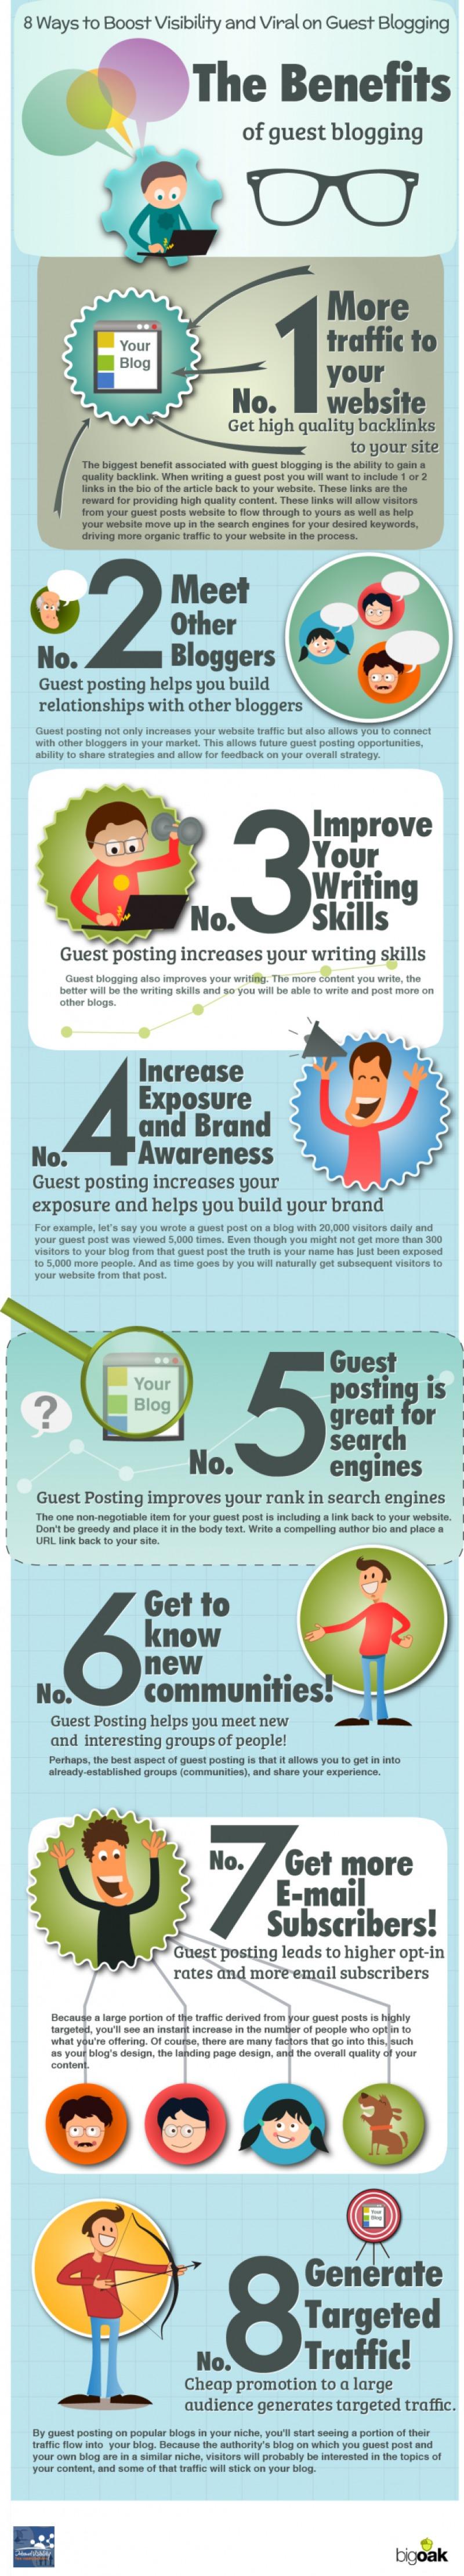 8 Advantages of Guest Blogging